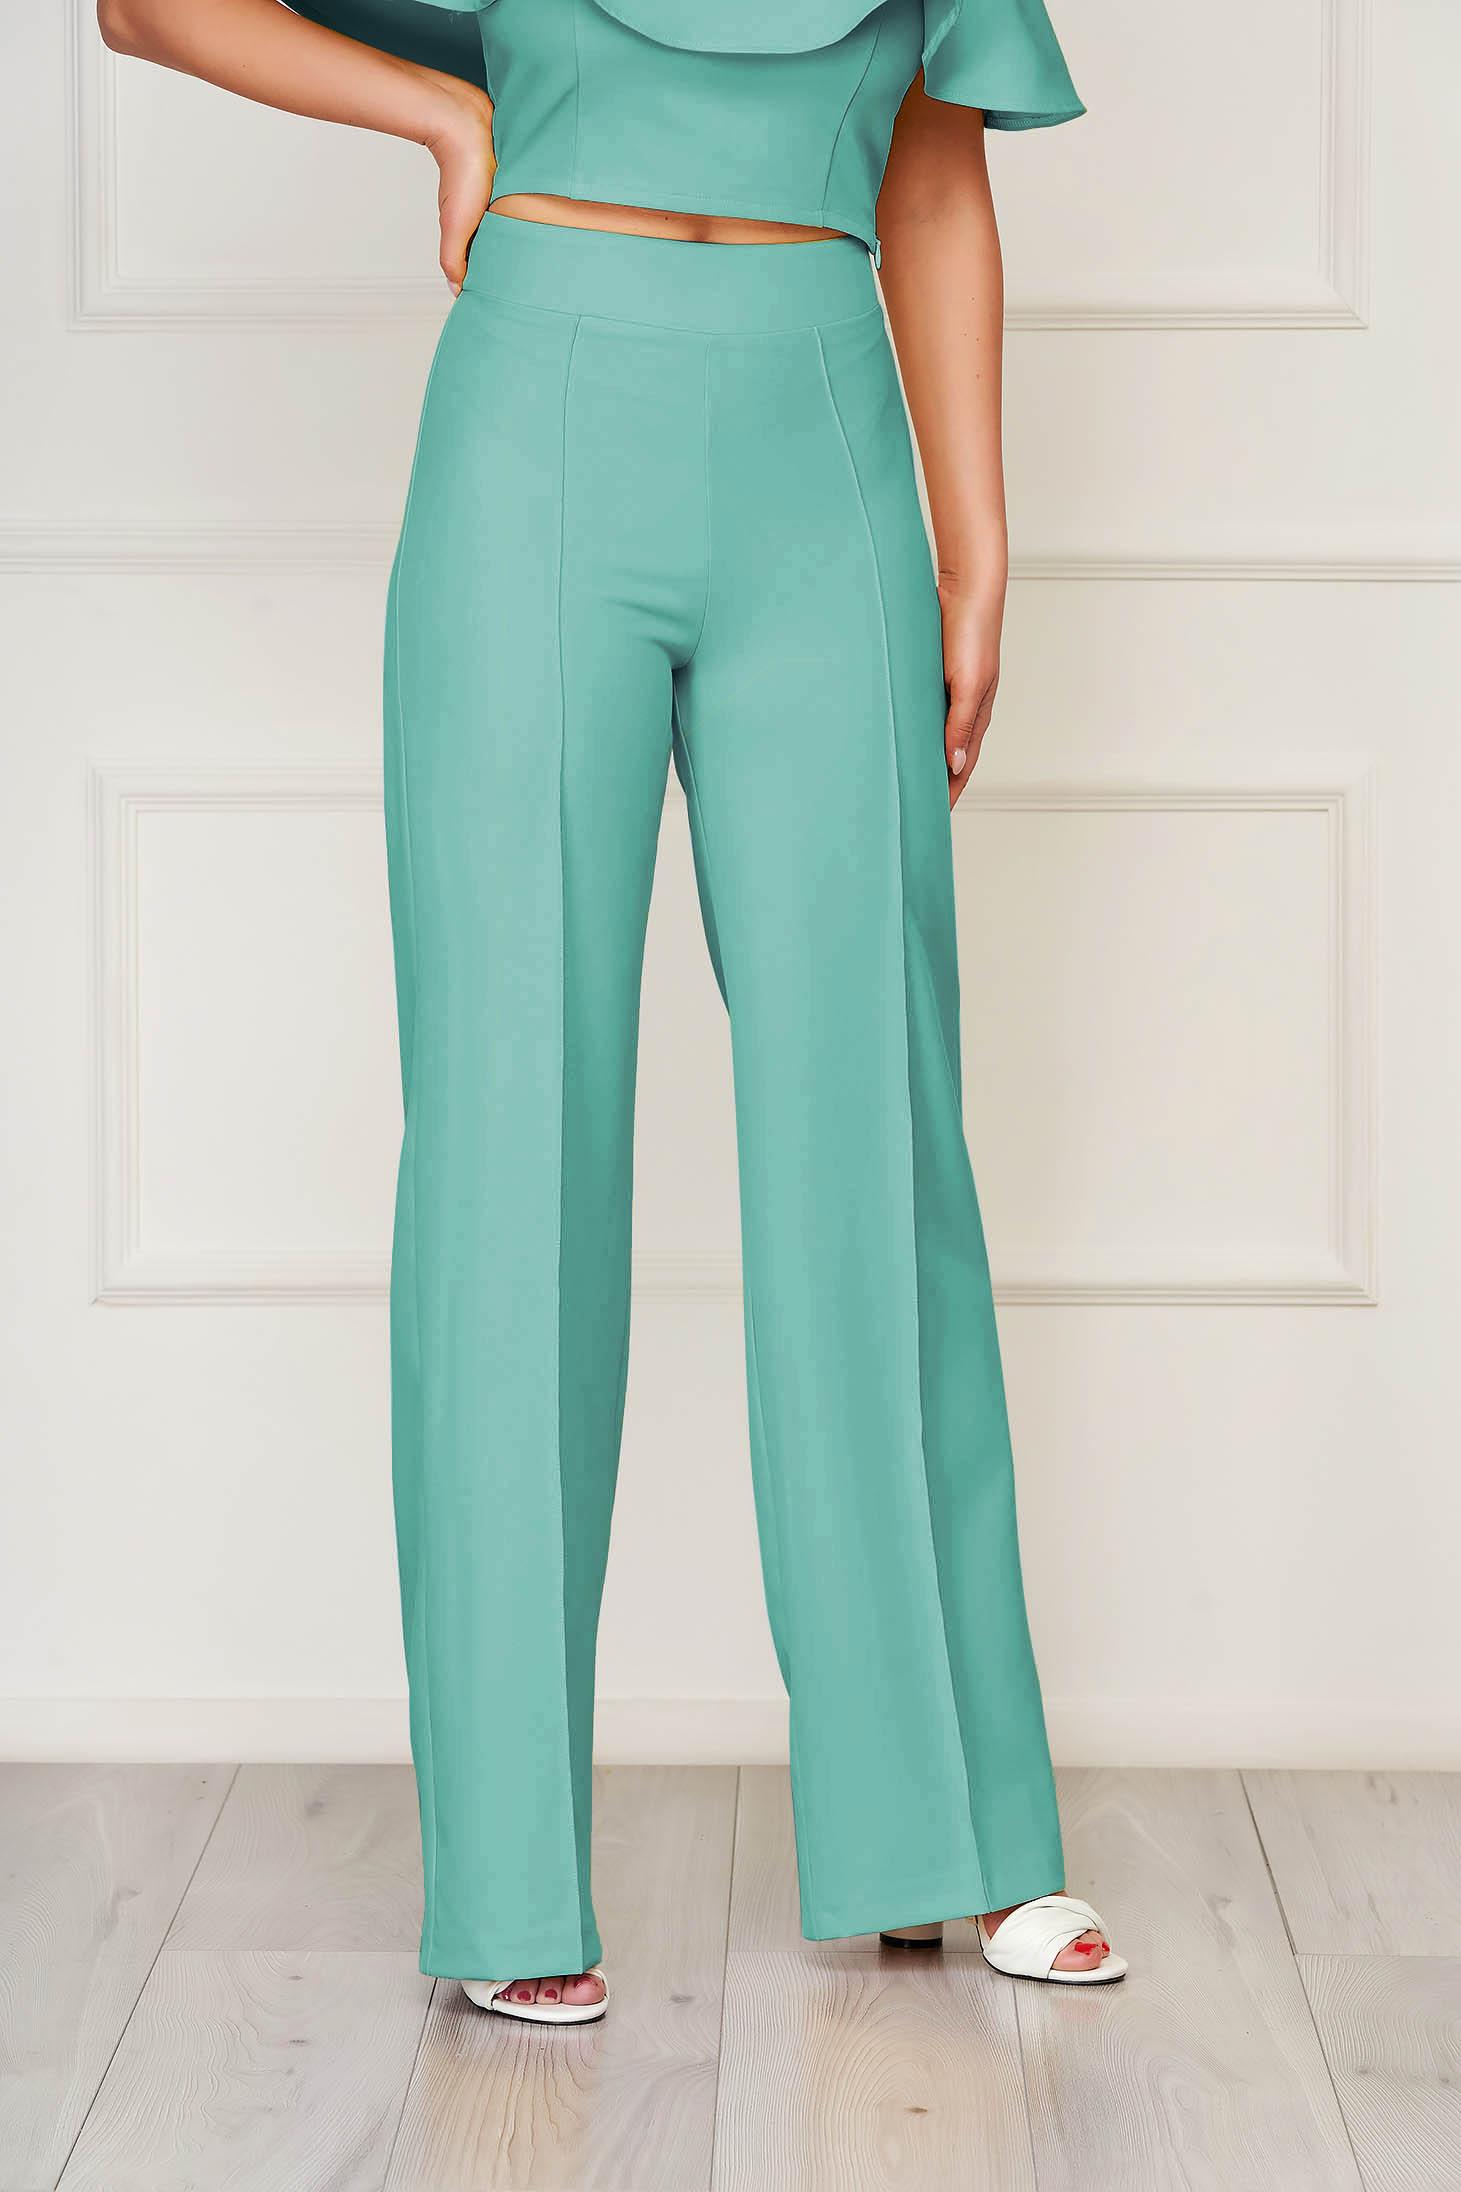 Zöld StarShinerS elegáns hosszú bővülő nadrág rugalmas szövetből